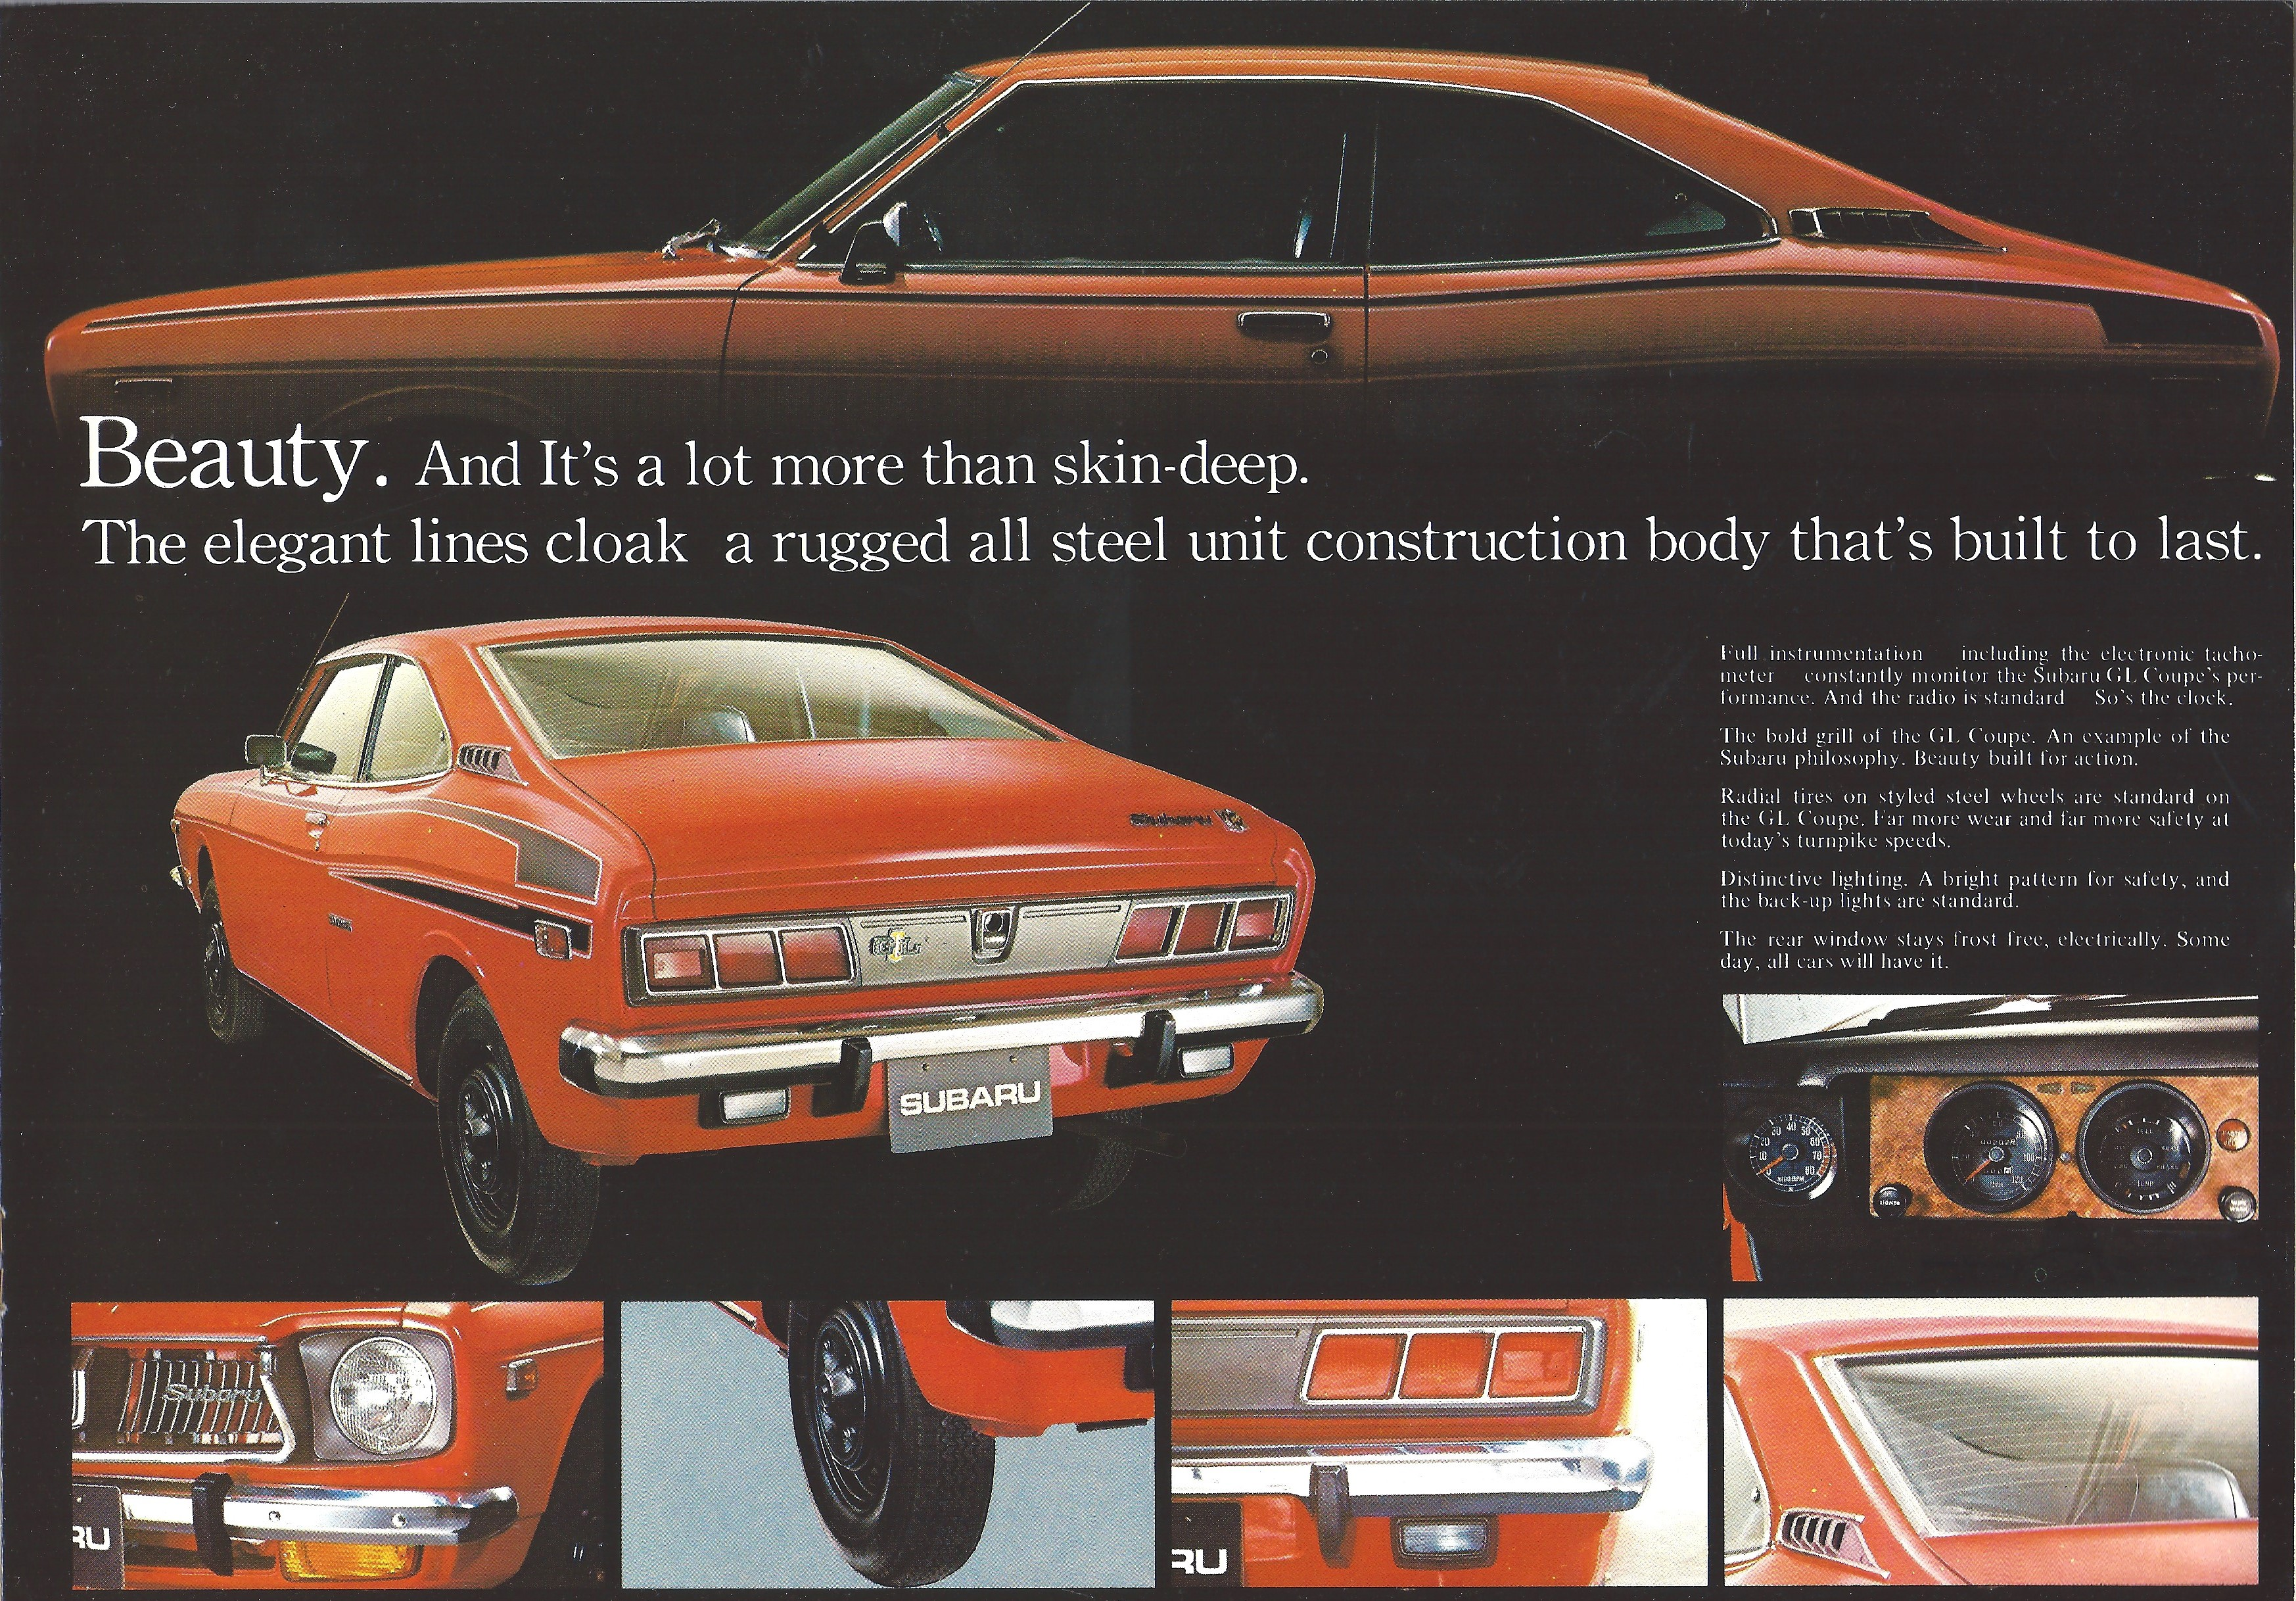 1972 Subaru GL Coupe